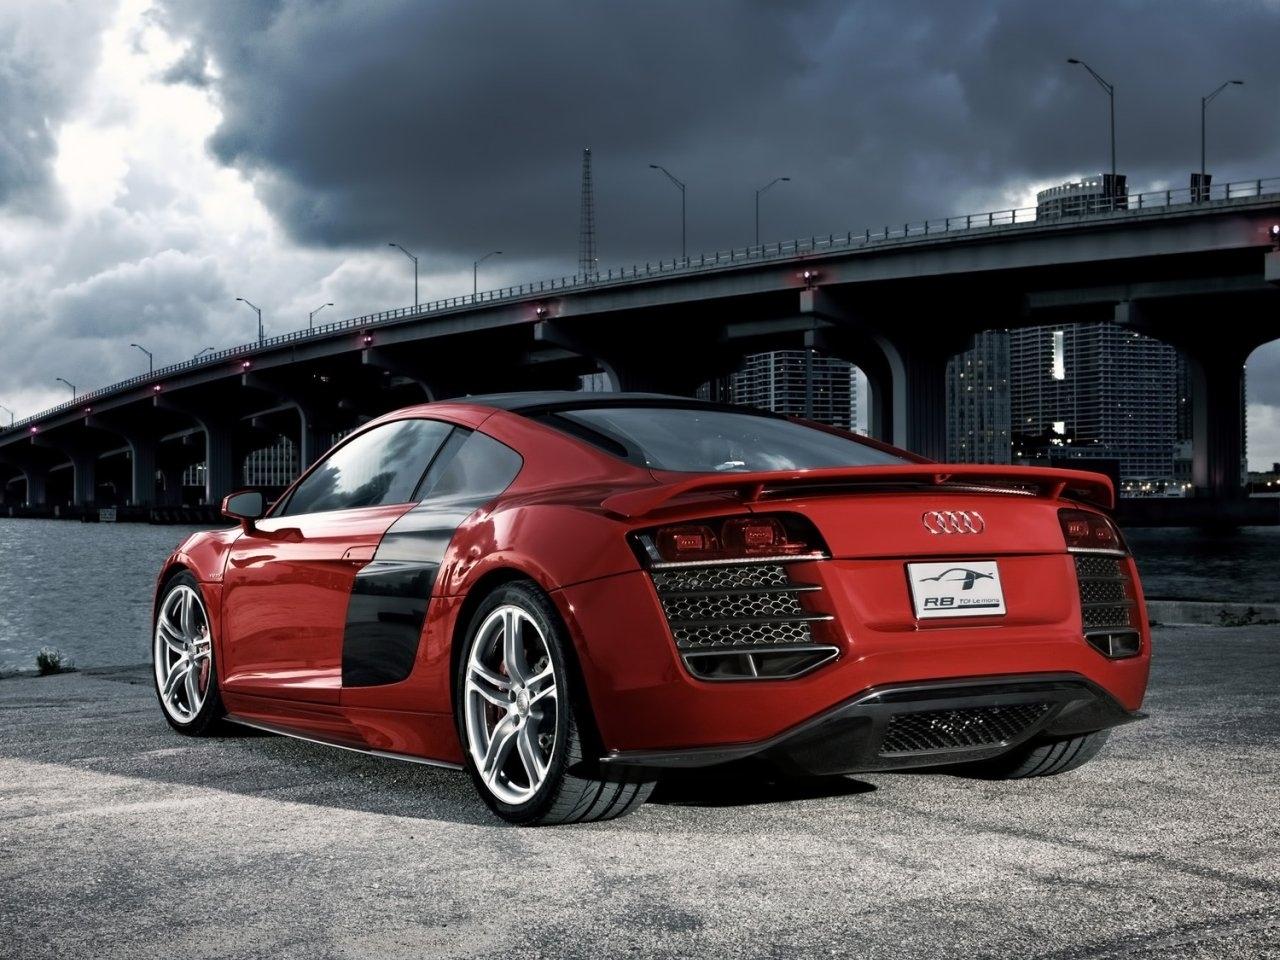 24079 скачать обои Транспорт, Машины, Ауди (Audi) - заставки и картинки бесплатно